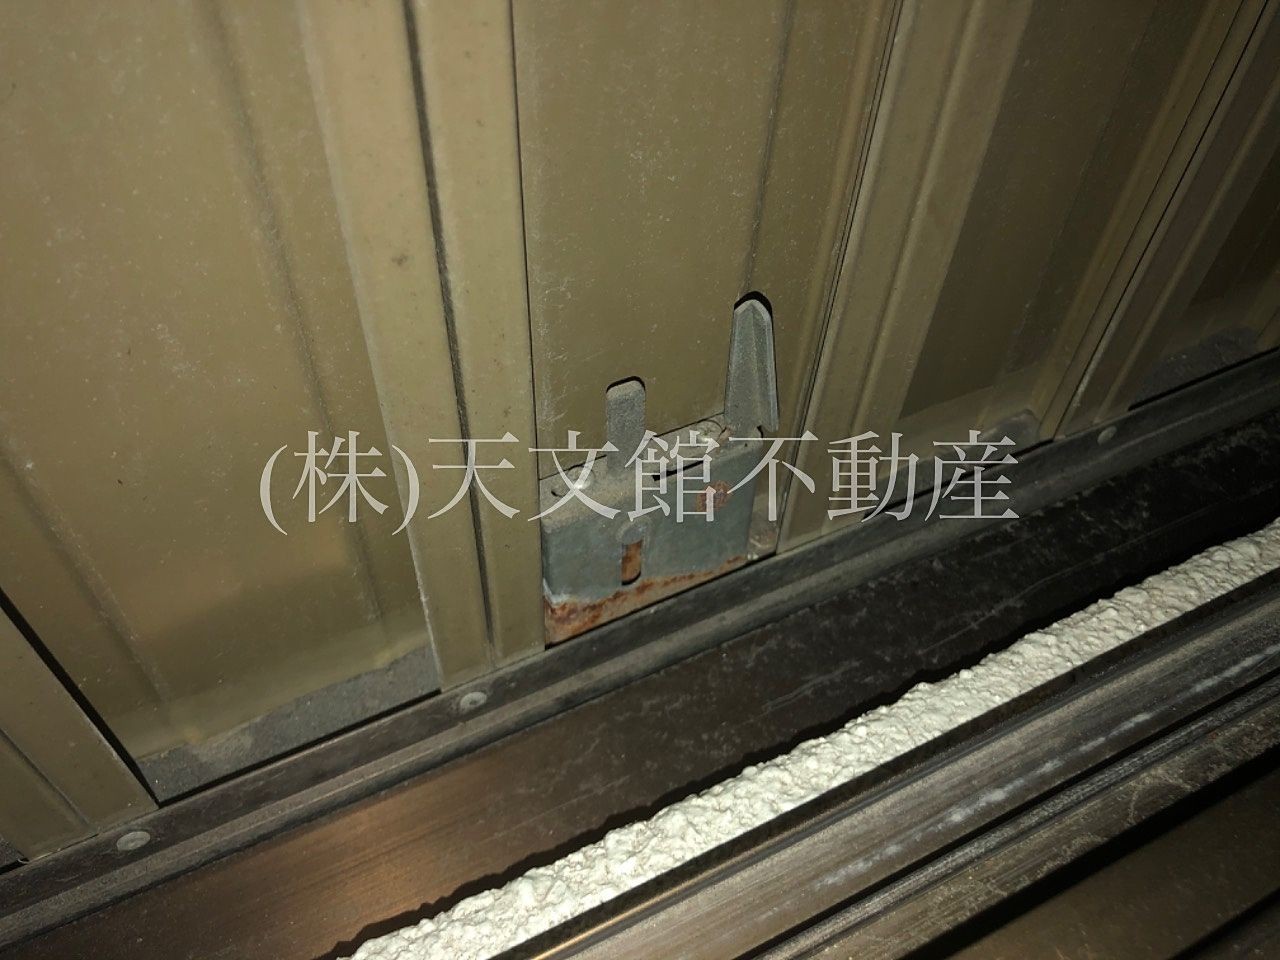 一年に一回か二回しか雨戸は閉めないので鍵の開閉はチェックが必要ですね。